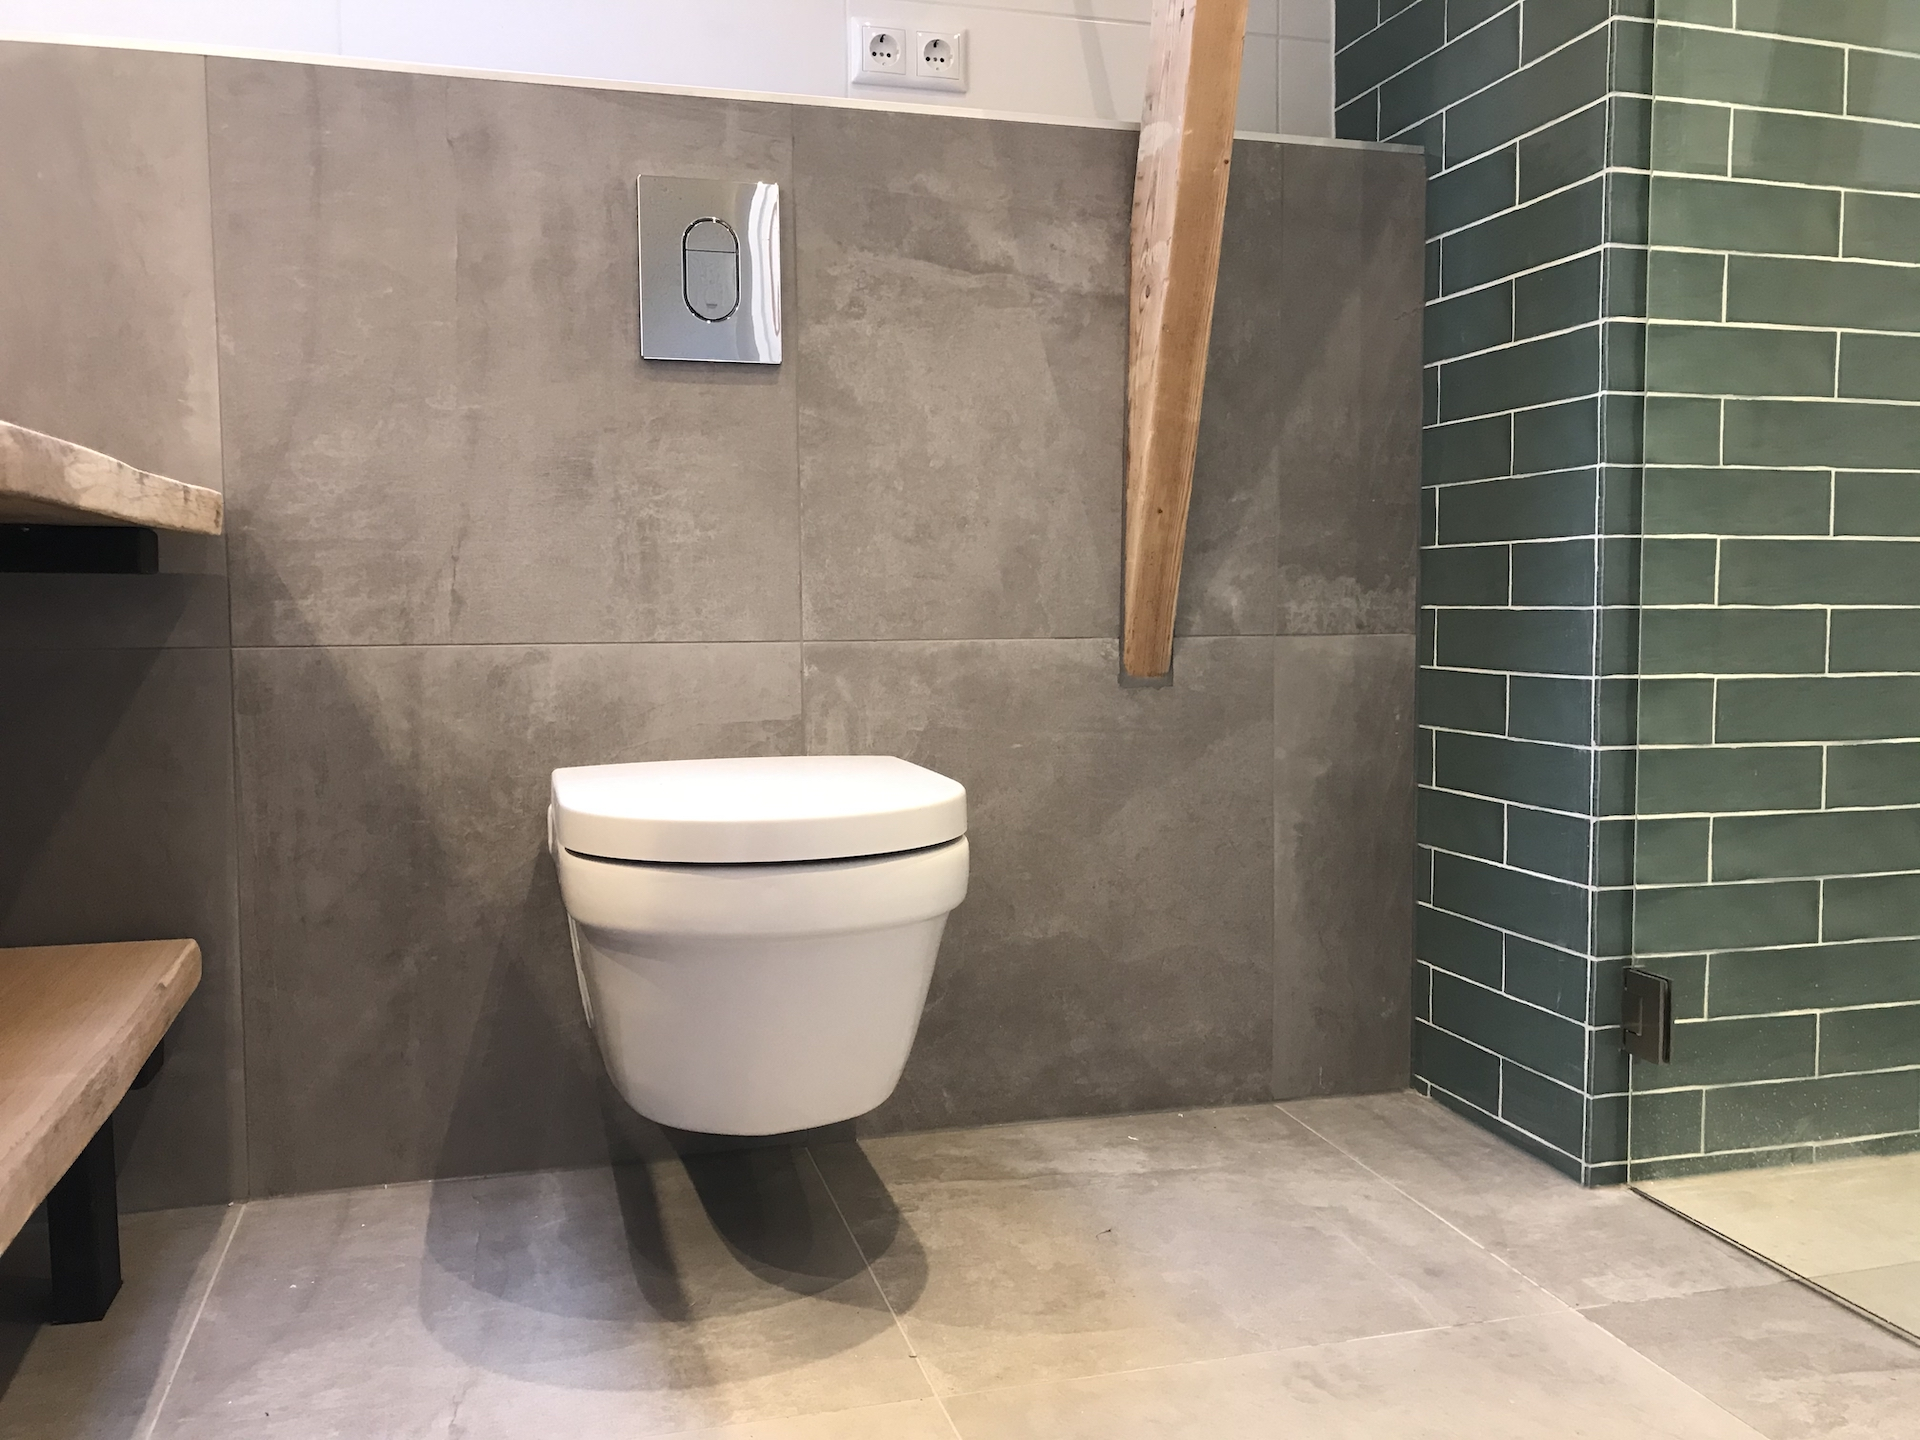 Hangtoilet sanitair tegelwerk - Home Repair - Timmerwerk en onderhoud 02